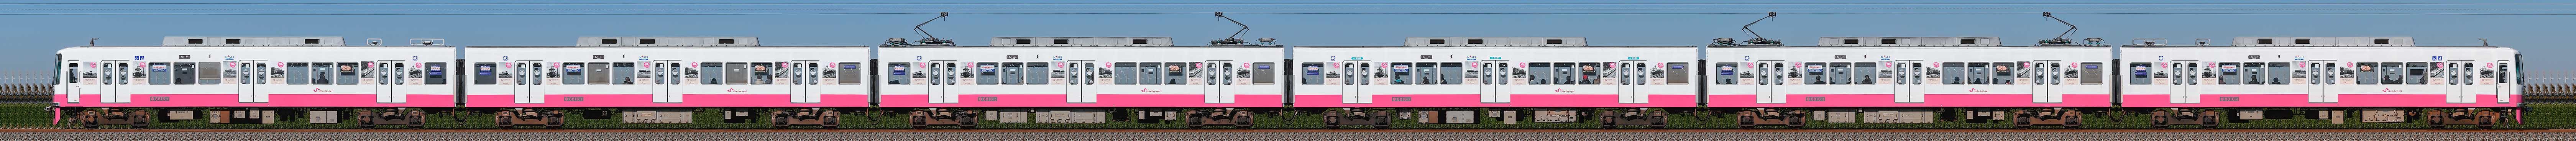 新京成8800形8816編成 開業70周年記念ギャラリー電車「今昔ギャラリートレイン」(山側)の編成サイドビュー